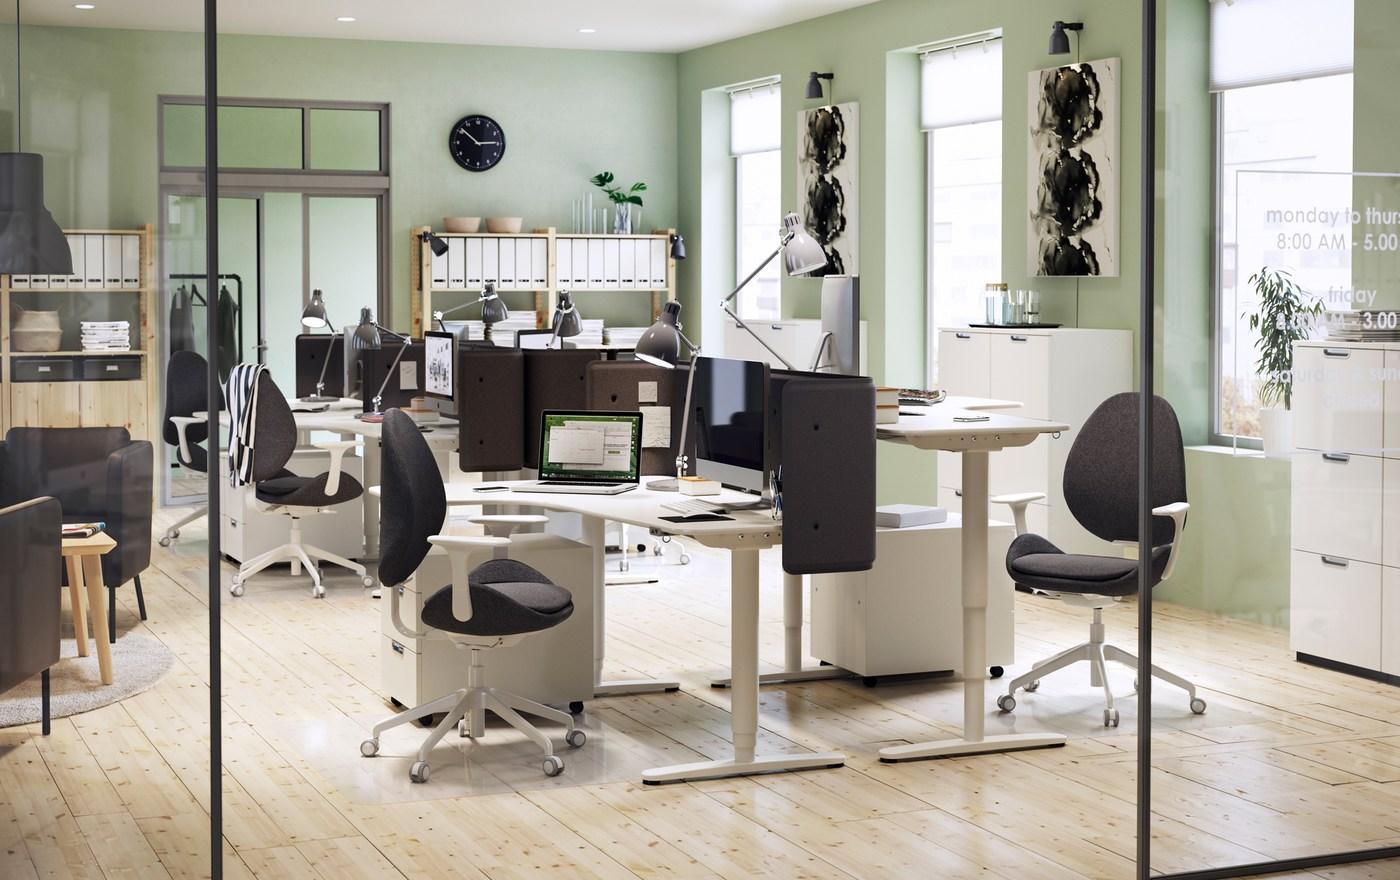 Ambiente de trabalho com uma decoração moderna, com paredes em verde claro e secretárias de canto BEKANT, reguláveis, em branco.